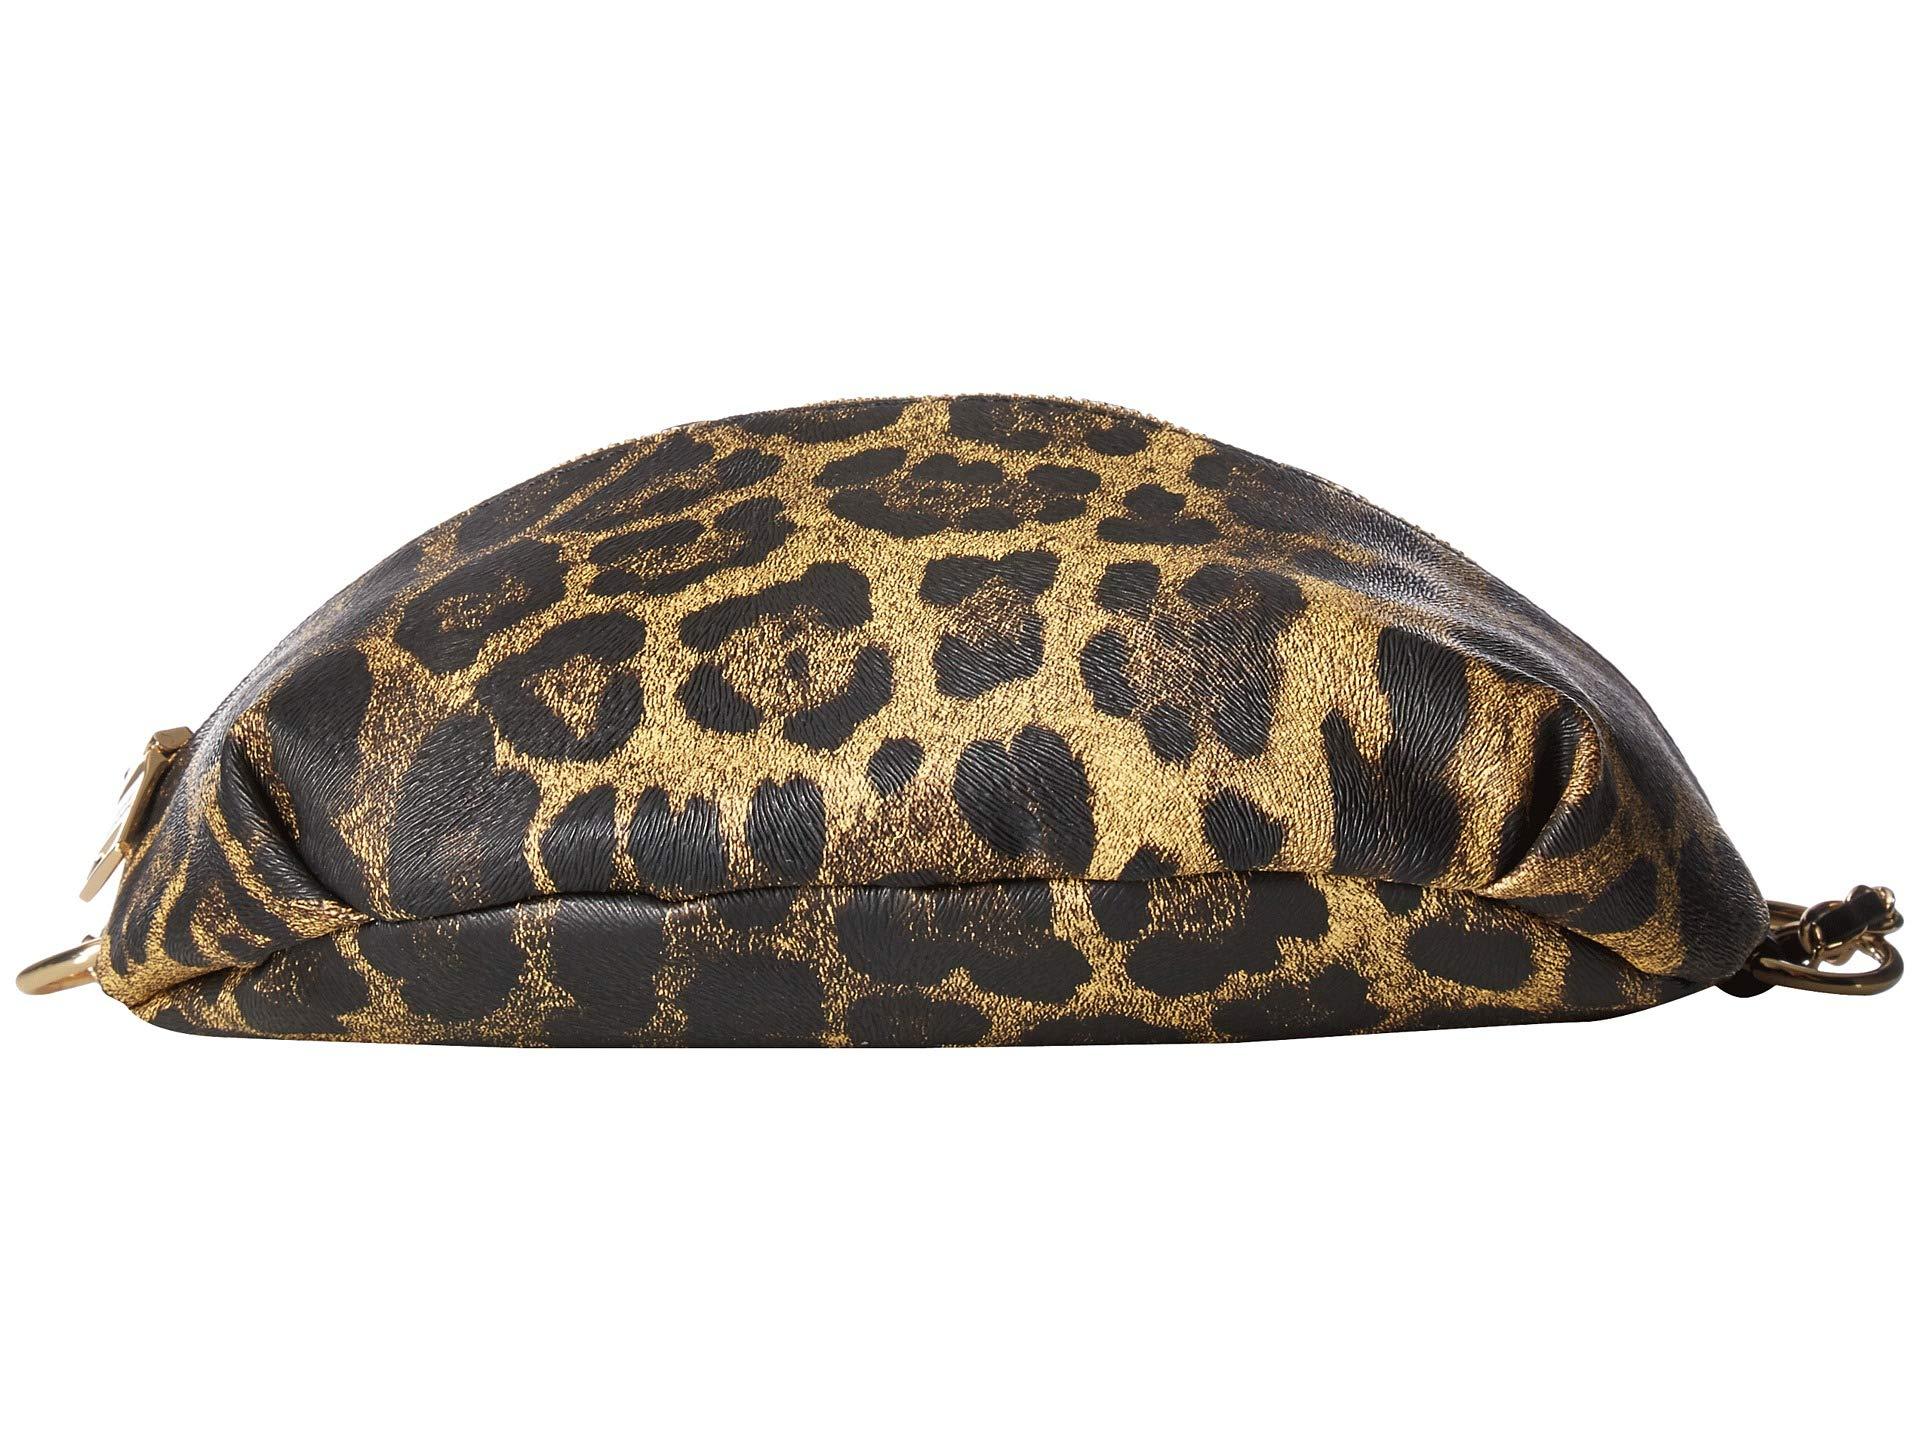 Madden Leopard Bmacy Madden Leopard Steve Steve Madden Bmacy Steve HWgPW